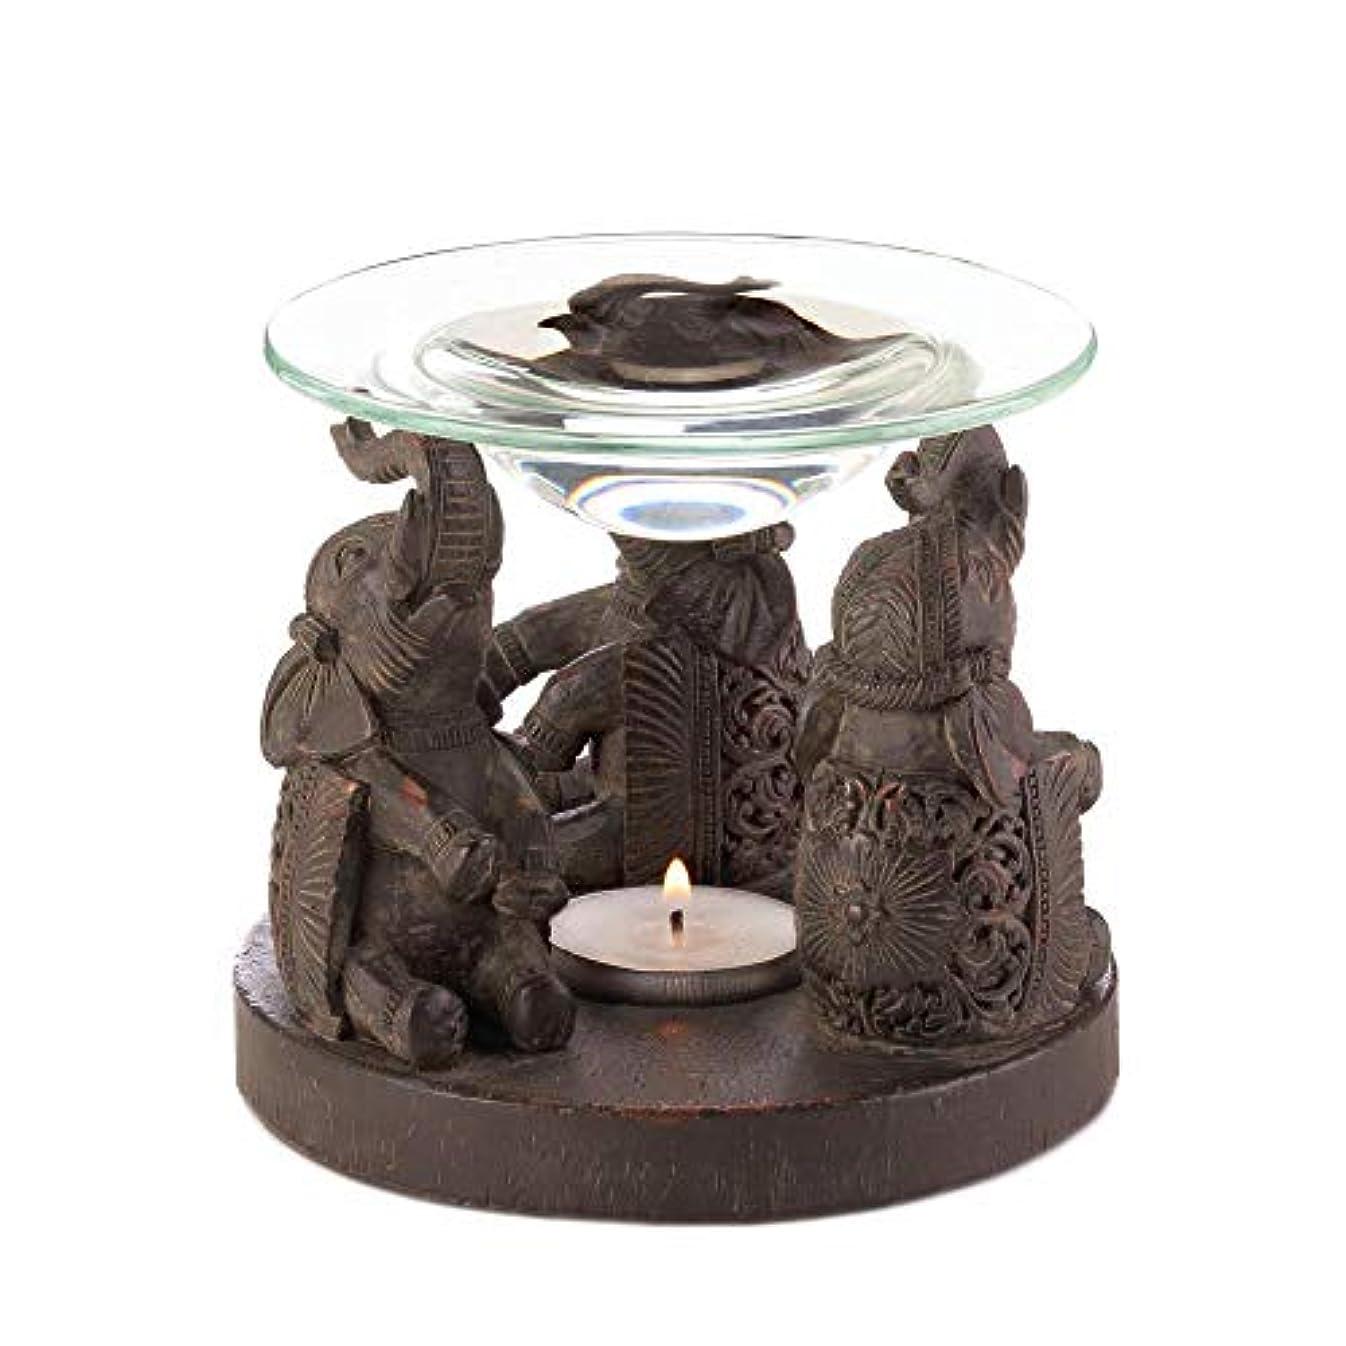 カスタム柔らかい確認するAnya Nana ギフト 彫刻された象の像 キャンドル タルトワックスウォーマー バーナー ディフューザー アロマセラピー